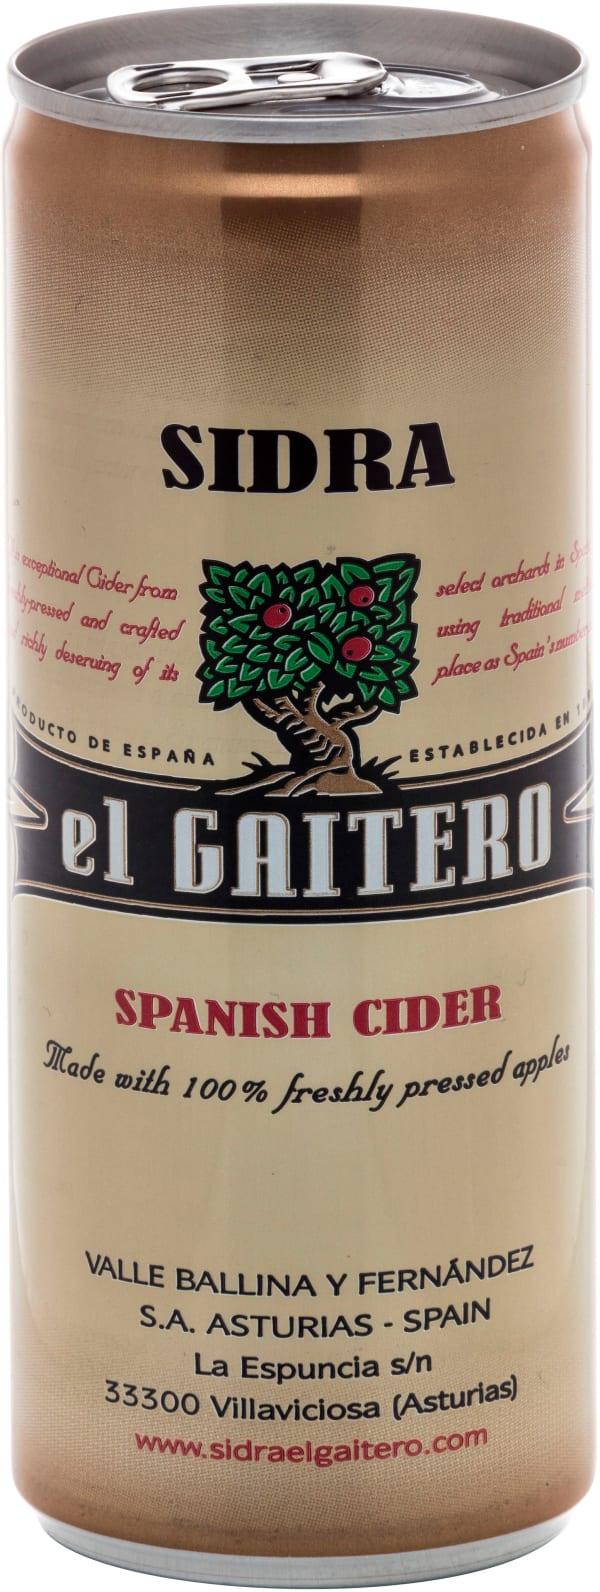 El Gaitero Spanish Cider can